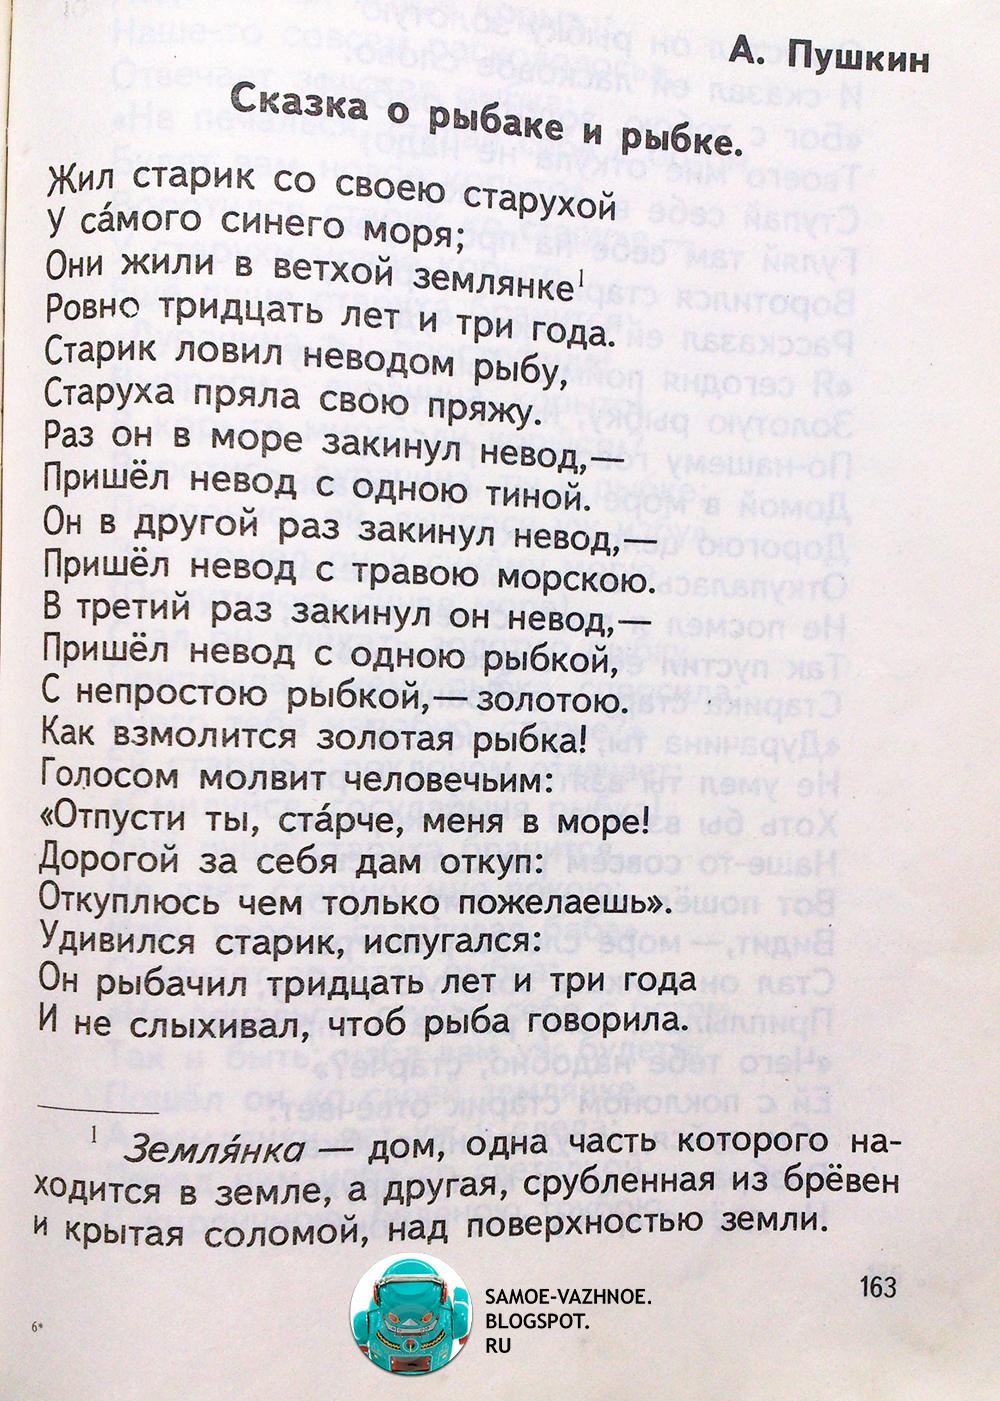 Старые школьные учебники. Сайт старых школьных учебников